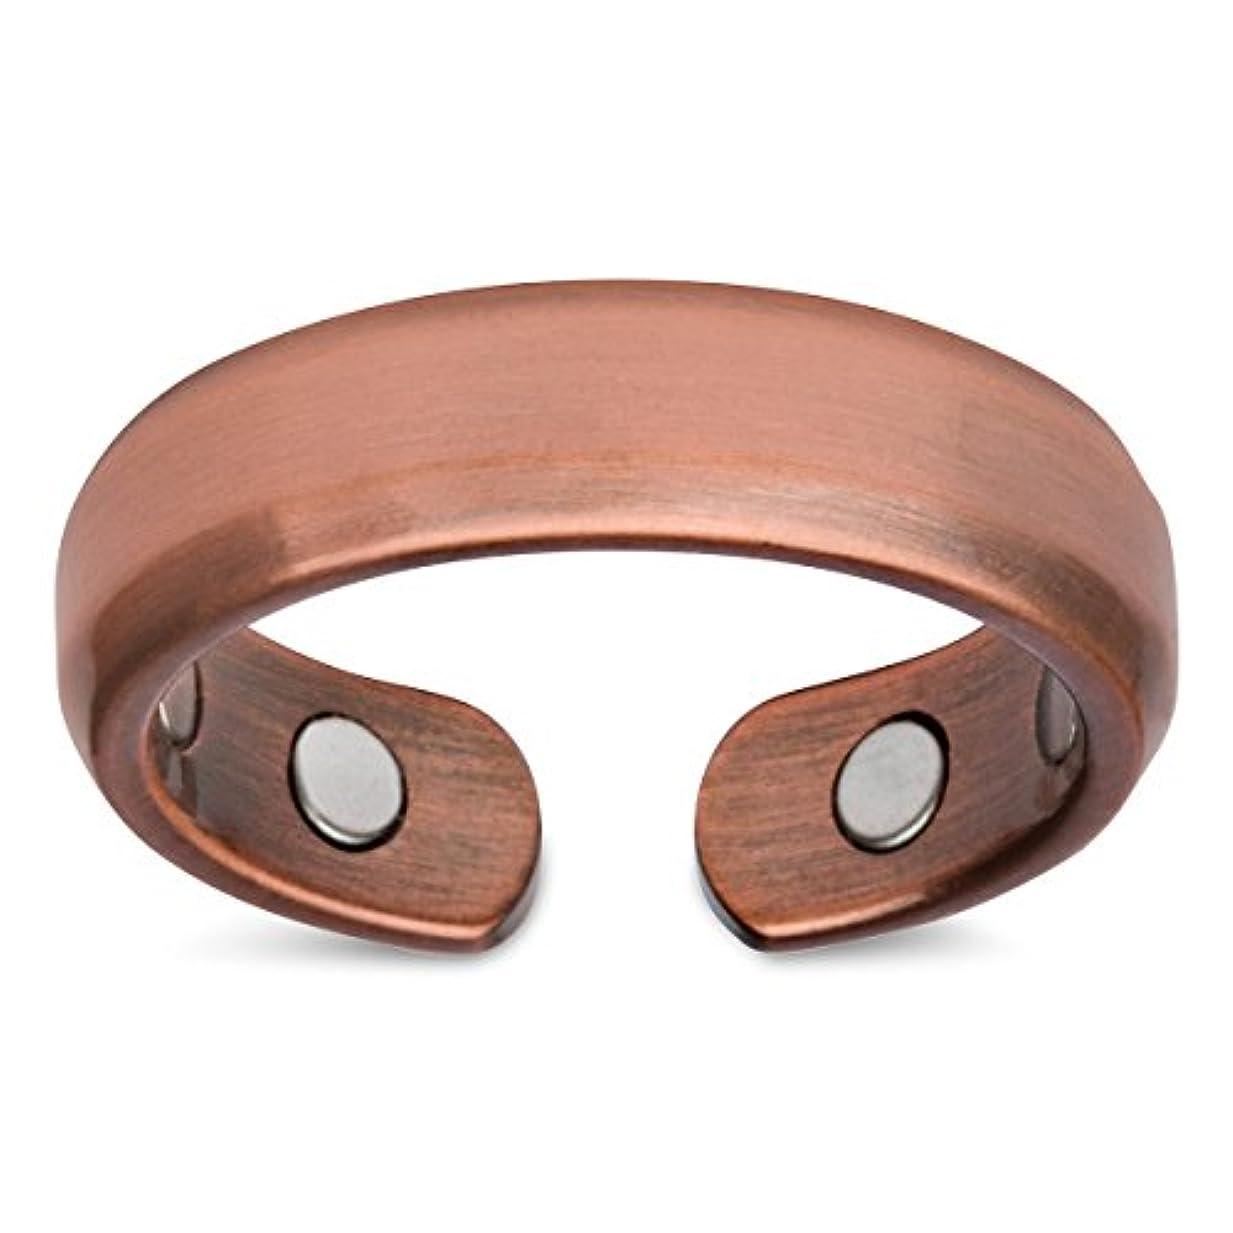 群衆おじいちゃん奇跡的なSmarter LifeStyle (2パックのリング) エレガントな純銅製 磁気療法用リング 関節炎や手根管の痛み緩和 (リングサイズ14)